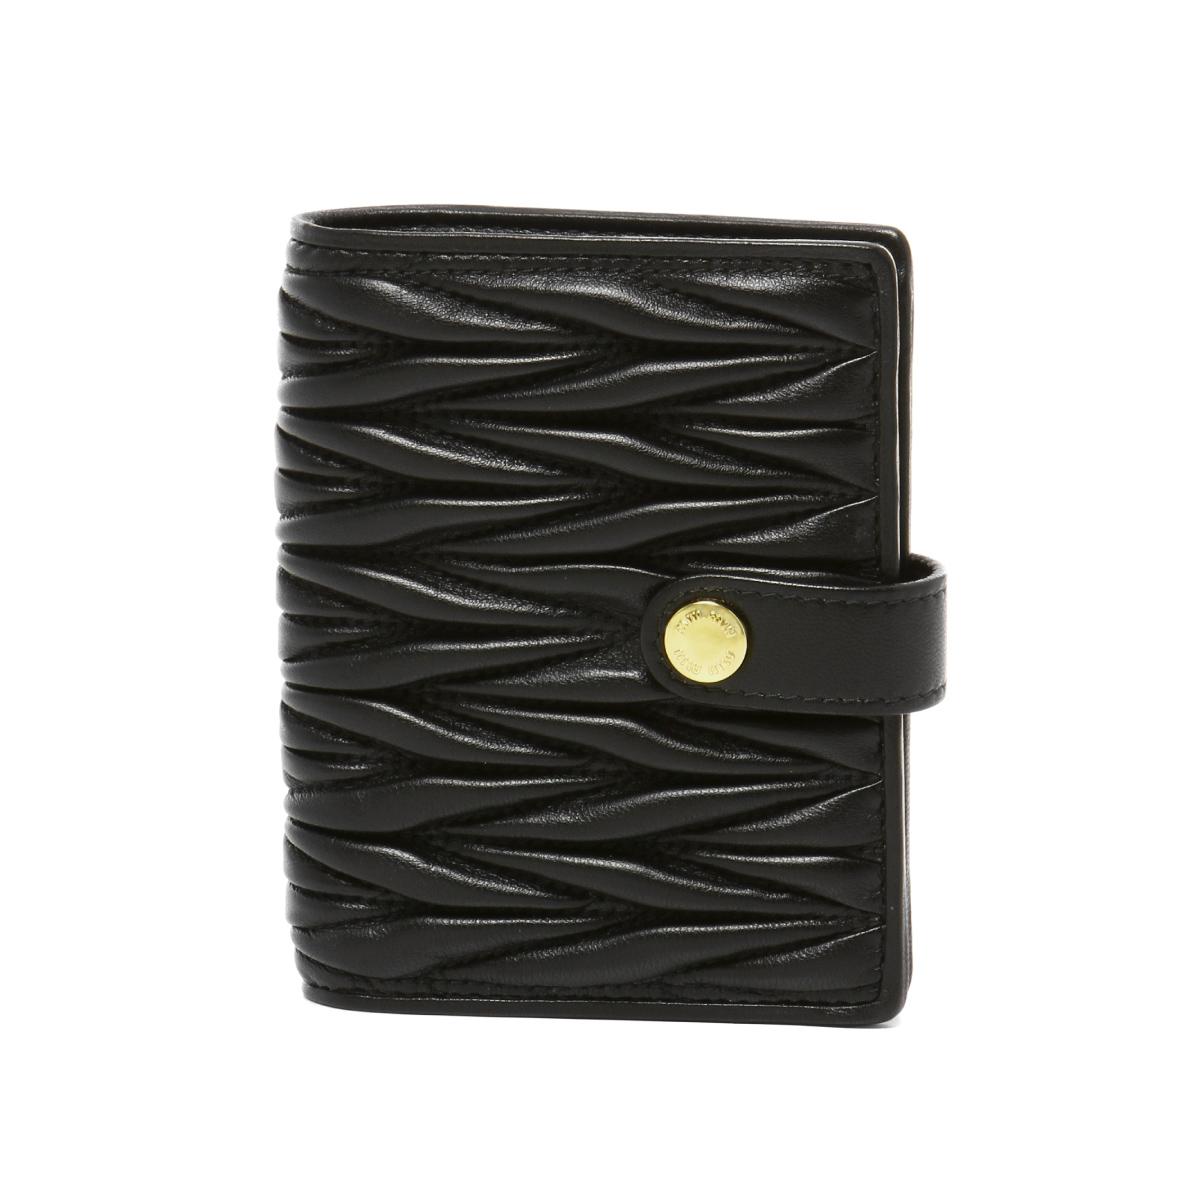 ミュウ ミュウ MIU MIU 財布 レディース 5MV016 N88 F0002 二つ折り財布 MATELASSE NERO ブラック